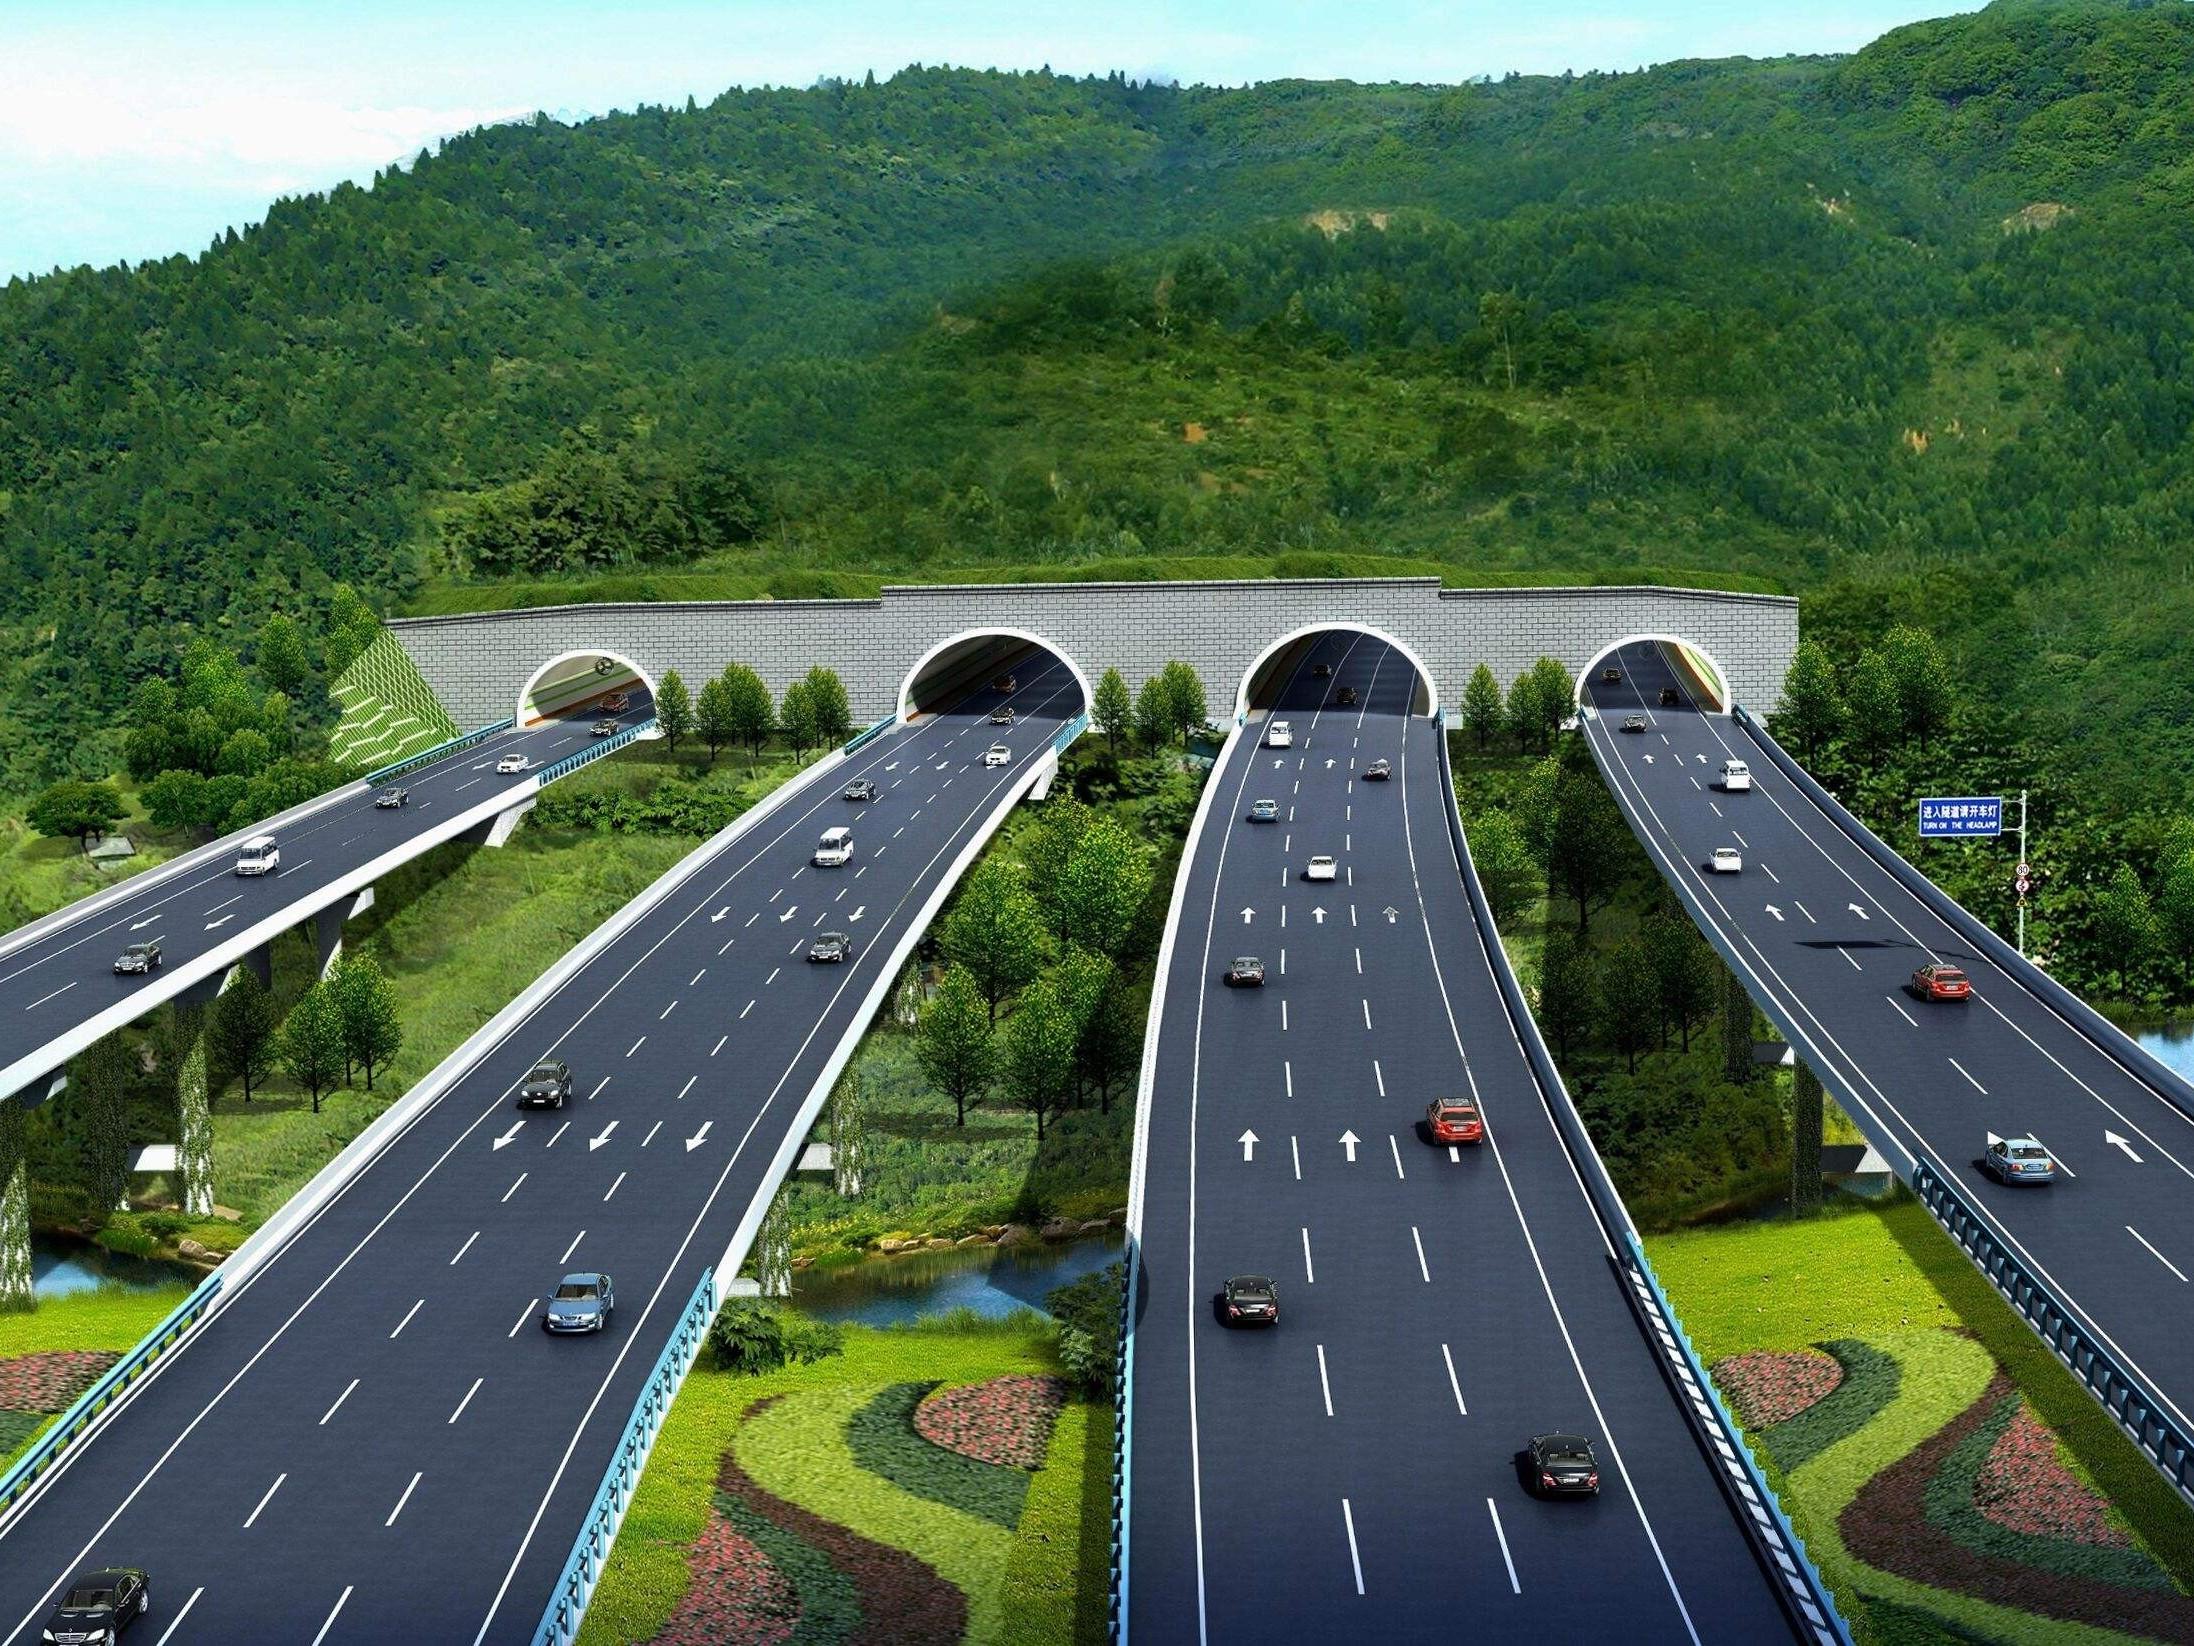 国家动脉—高速公路监控系统改造升级